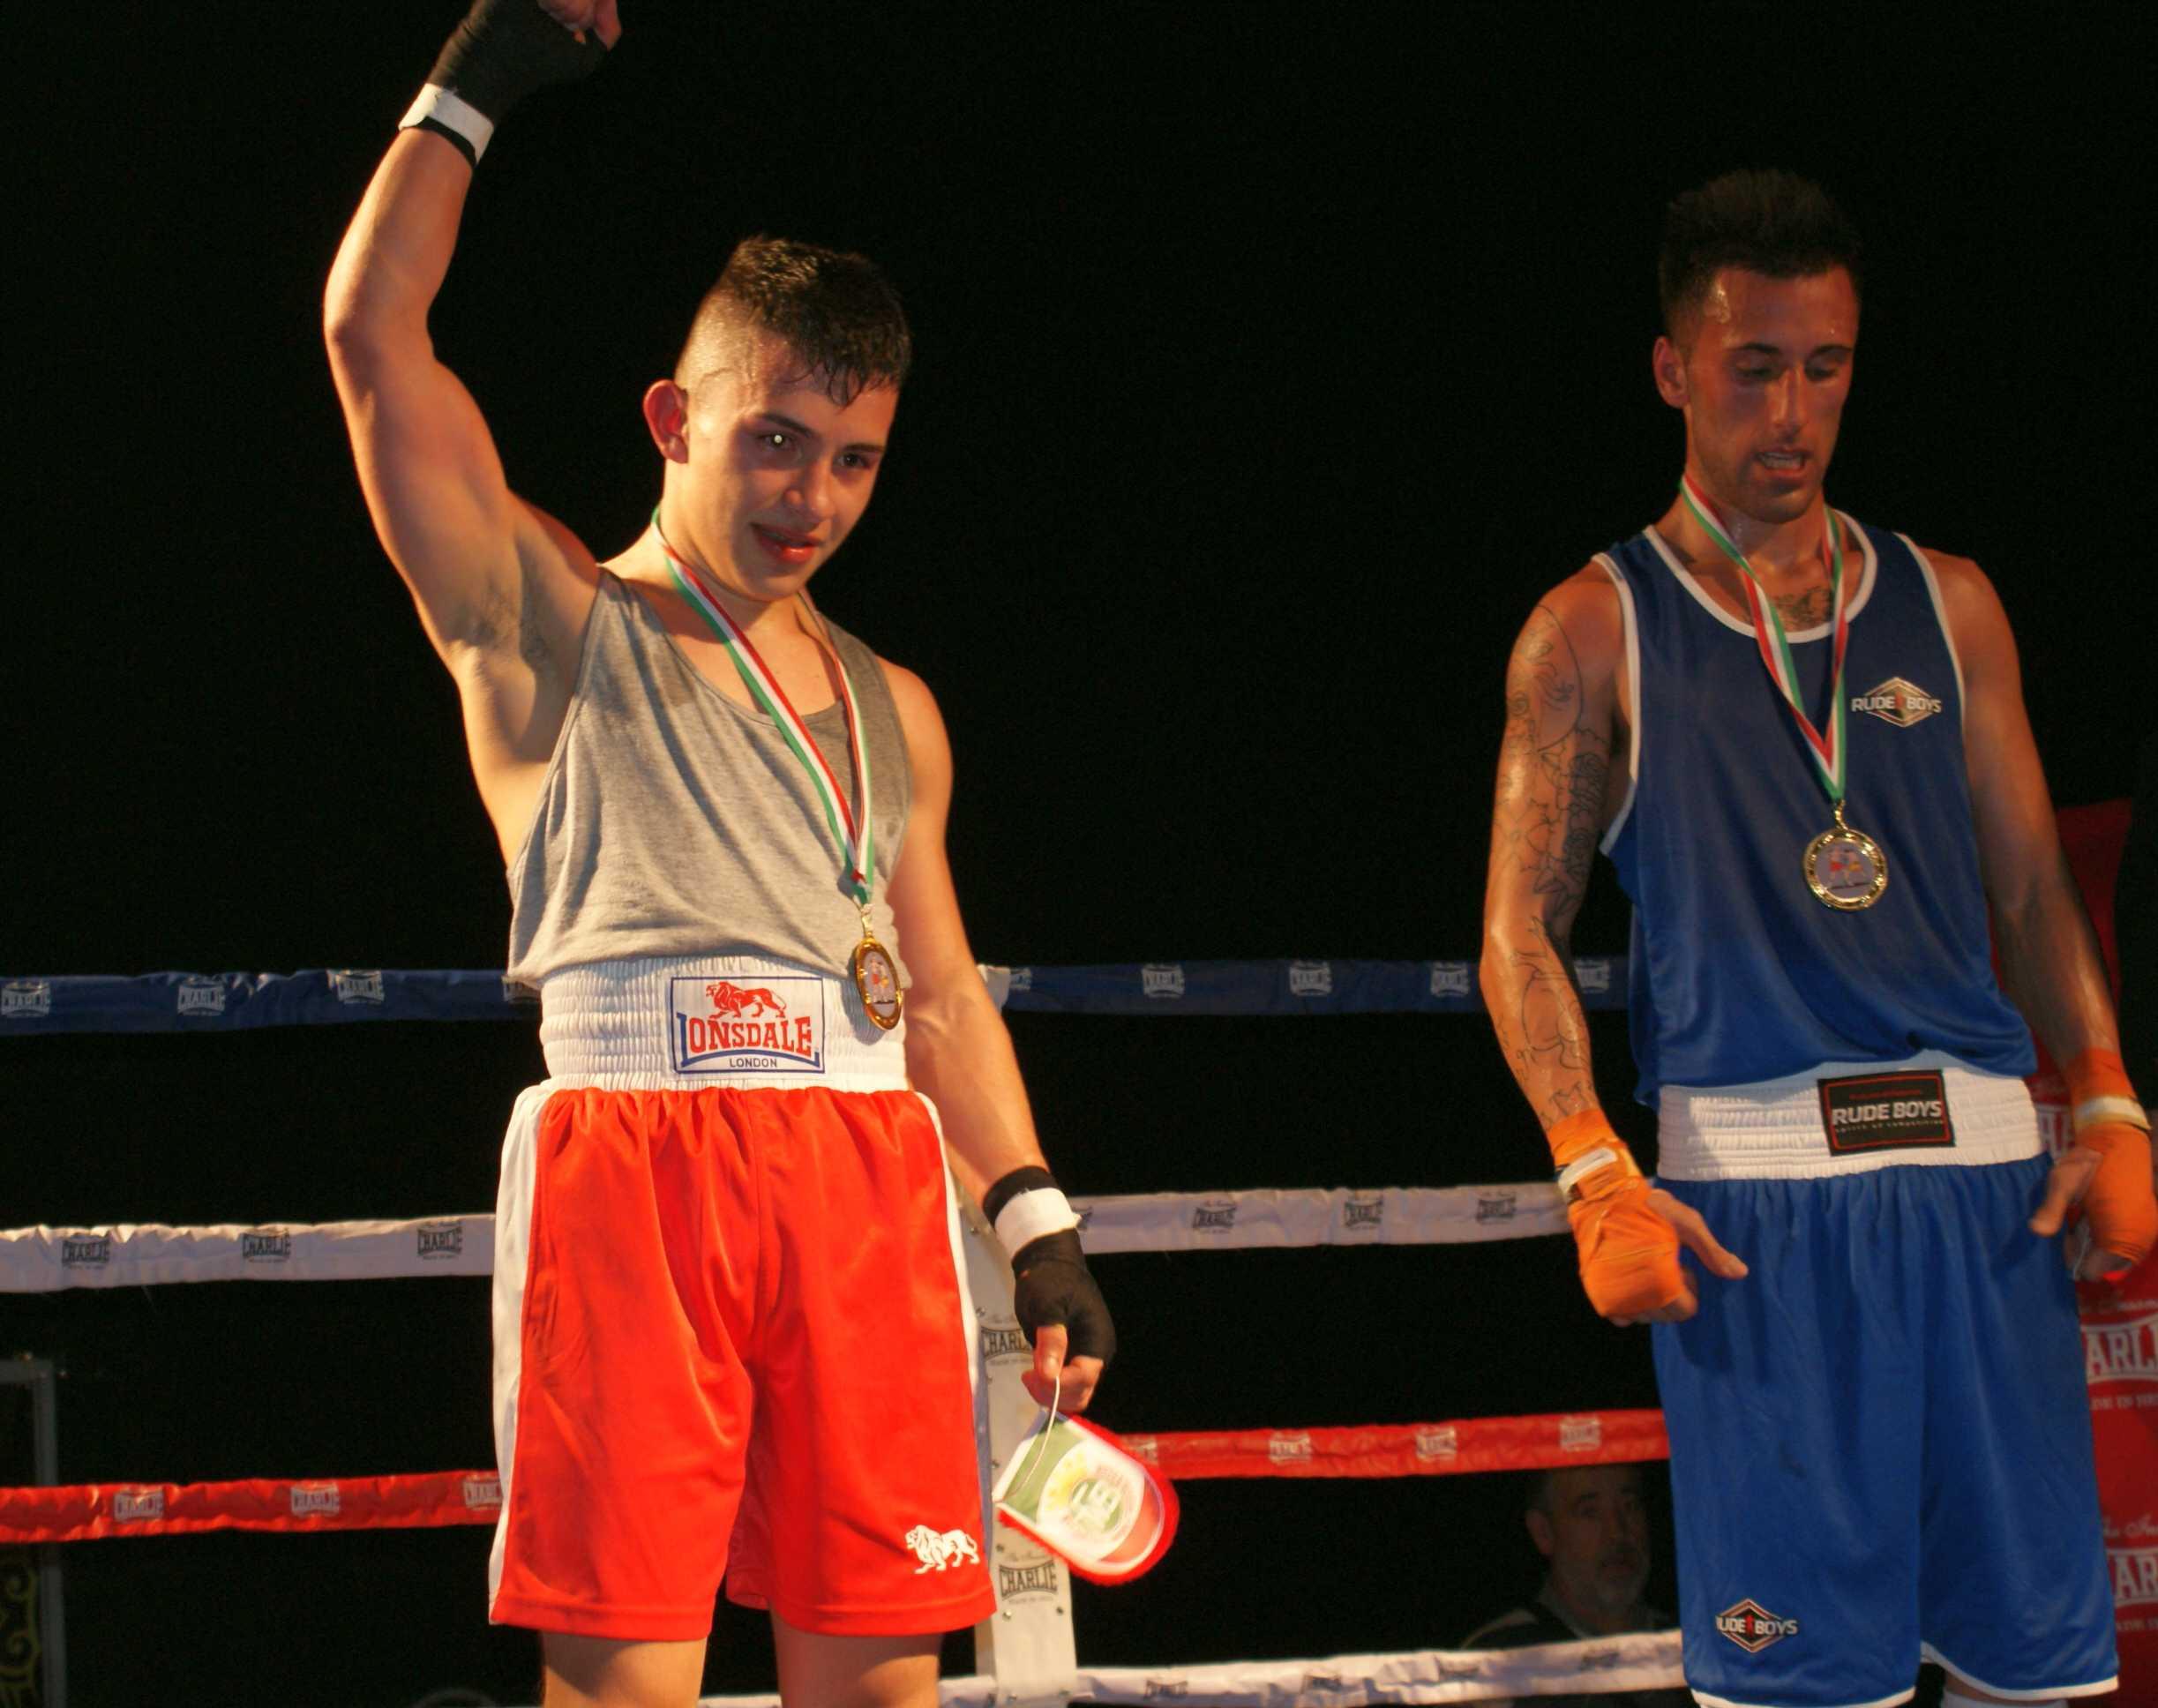 En el peso gallo se produjo una de las sorpresas de la noche: un serio y eficaz Carlos Mario Ospina se impuso al favorito Alvaro Tierno